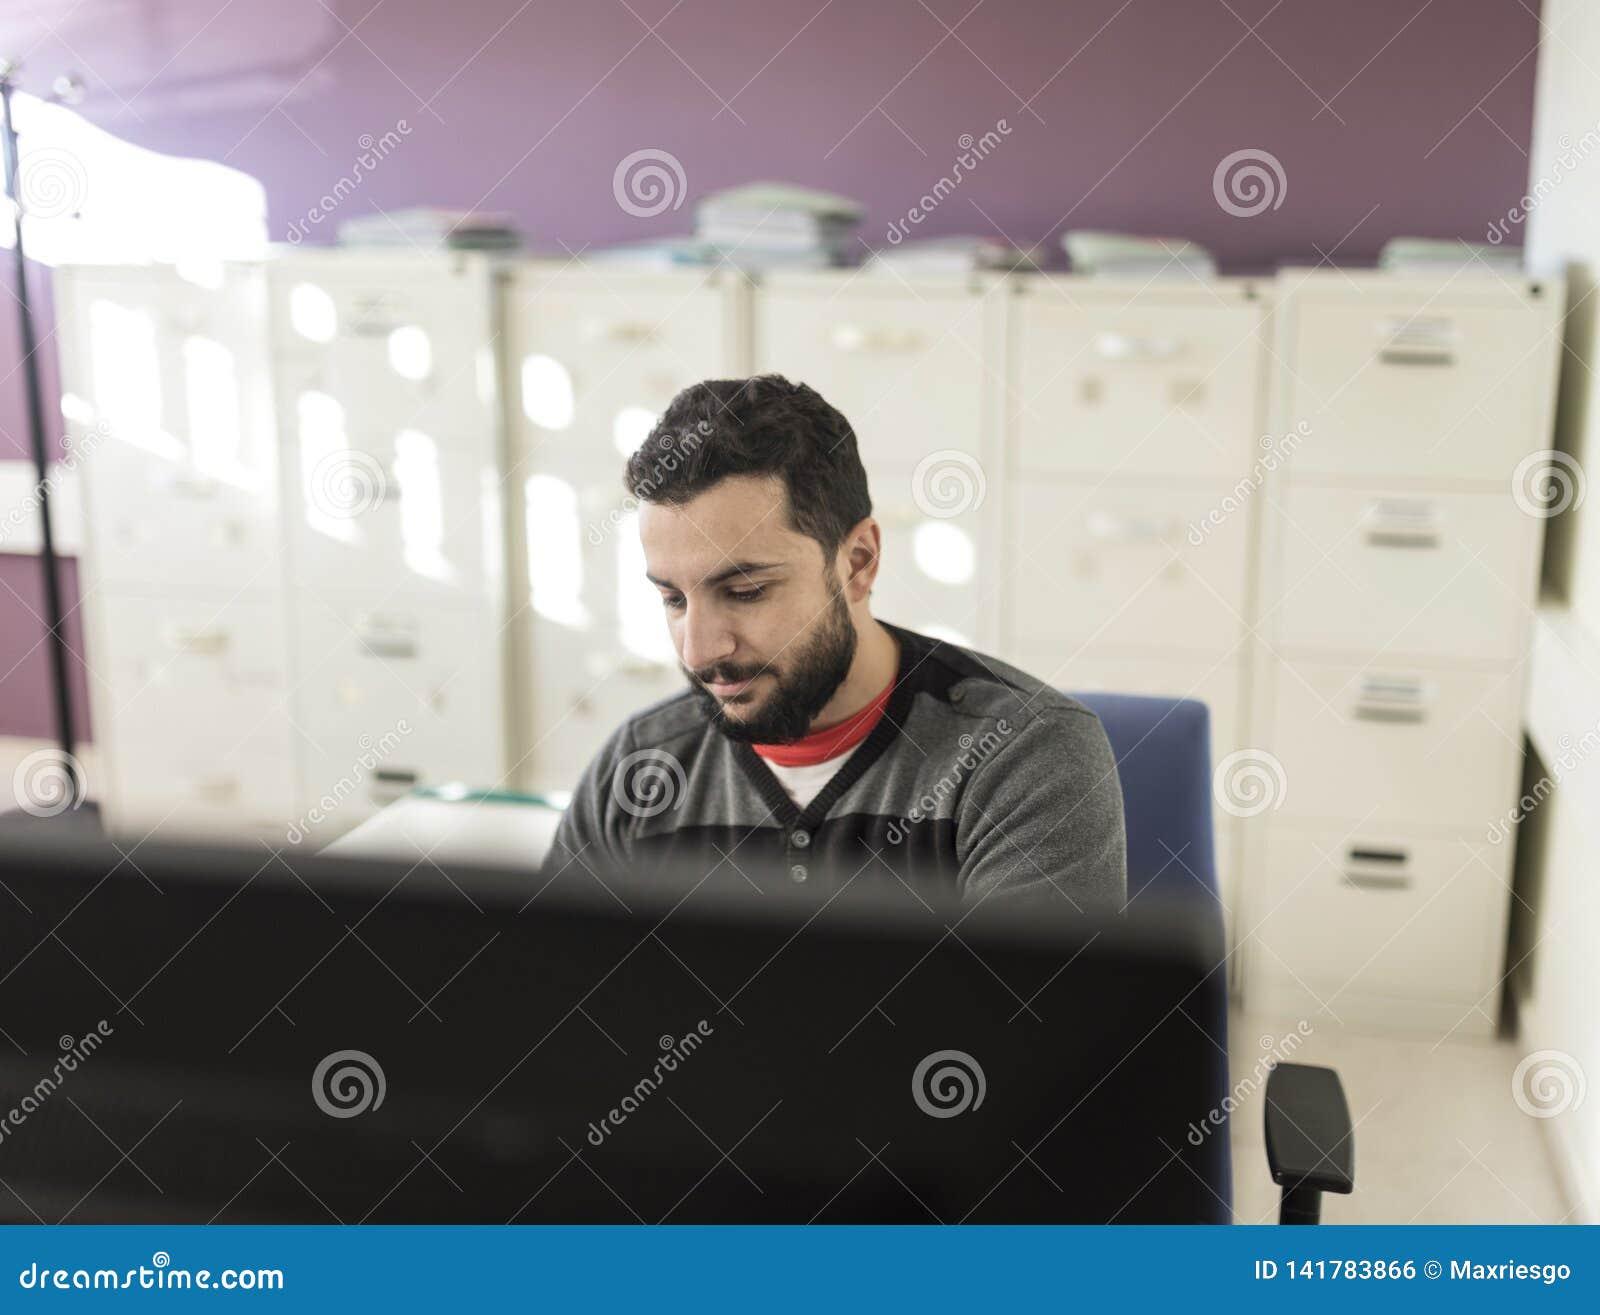 Hombre barbudo casual que trabaja en la oficina